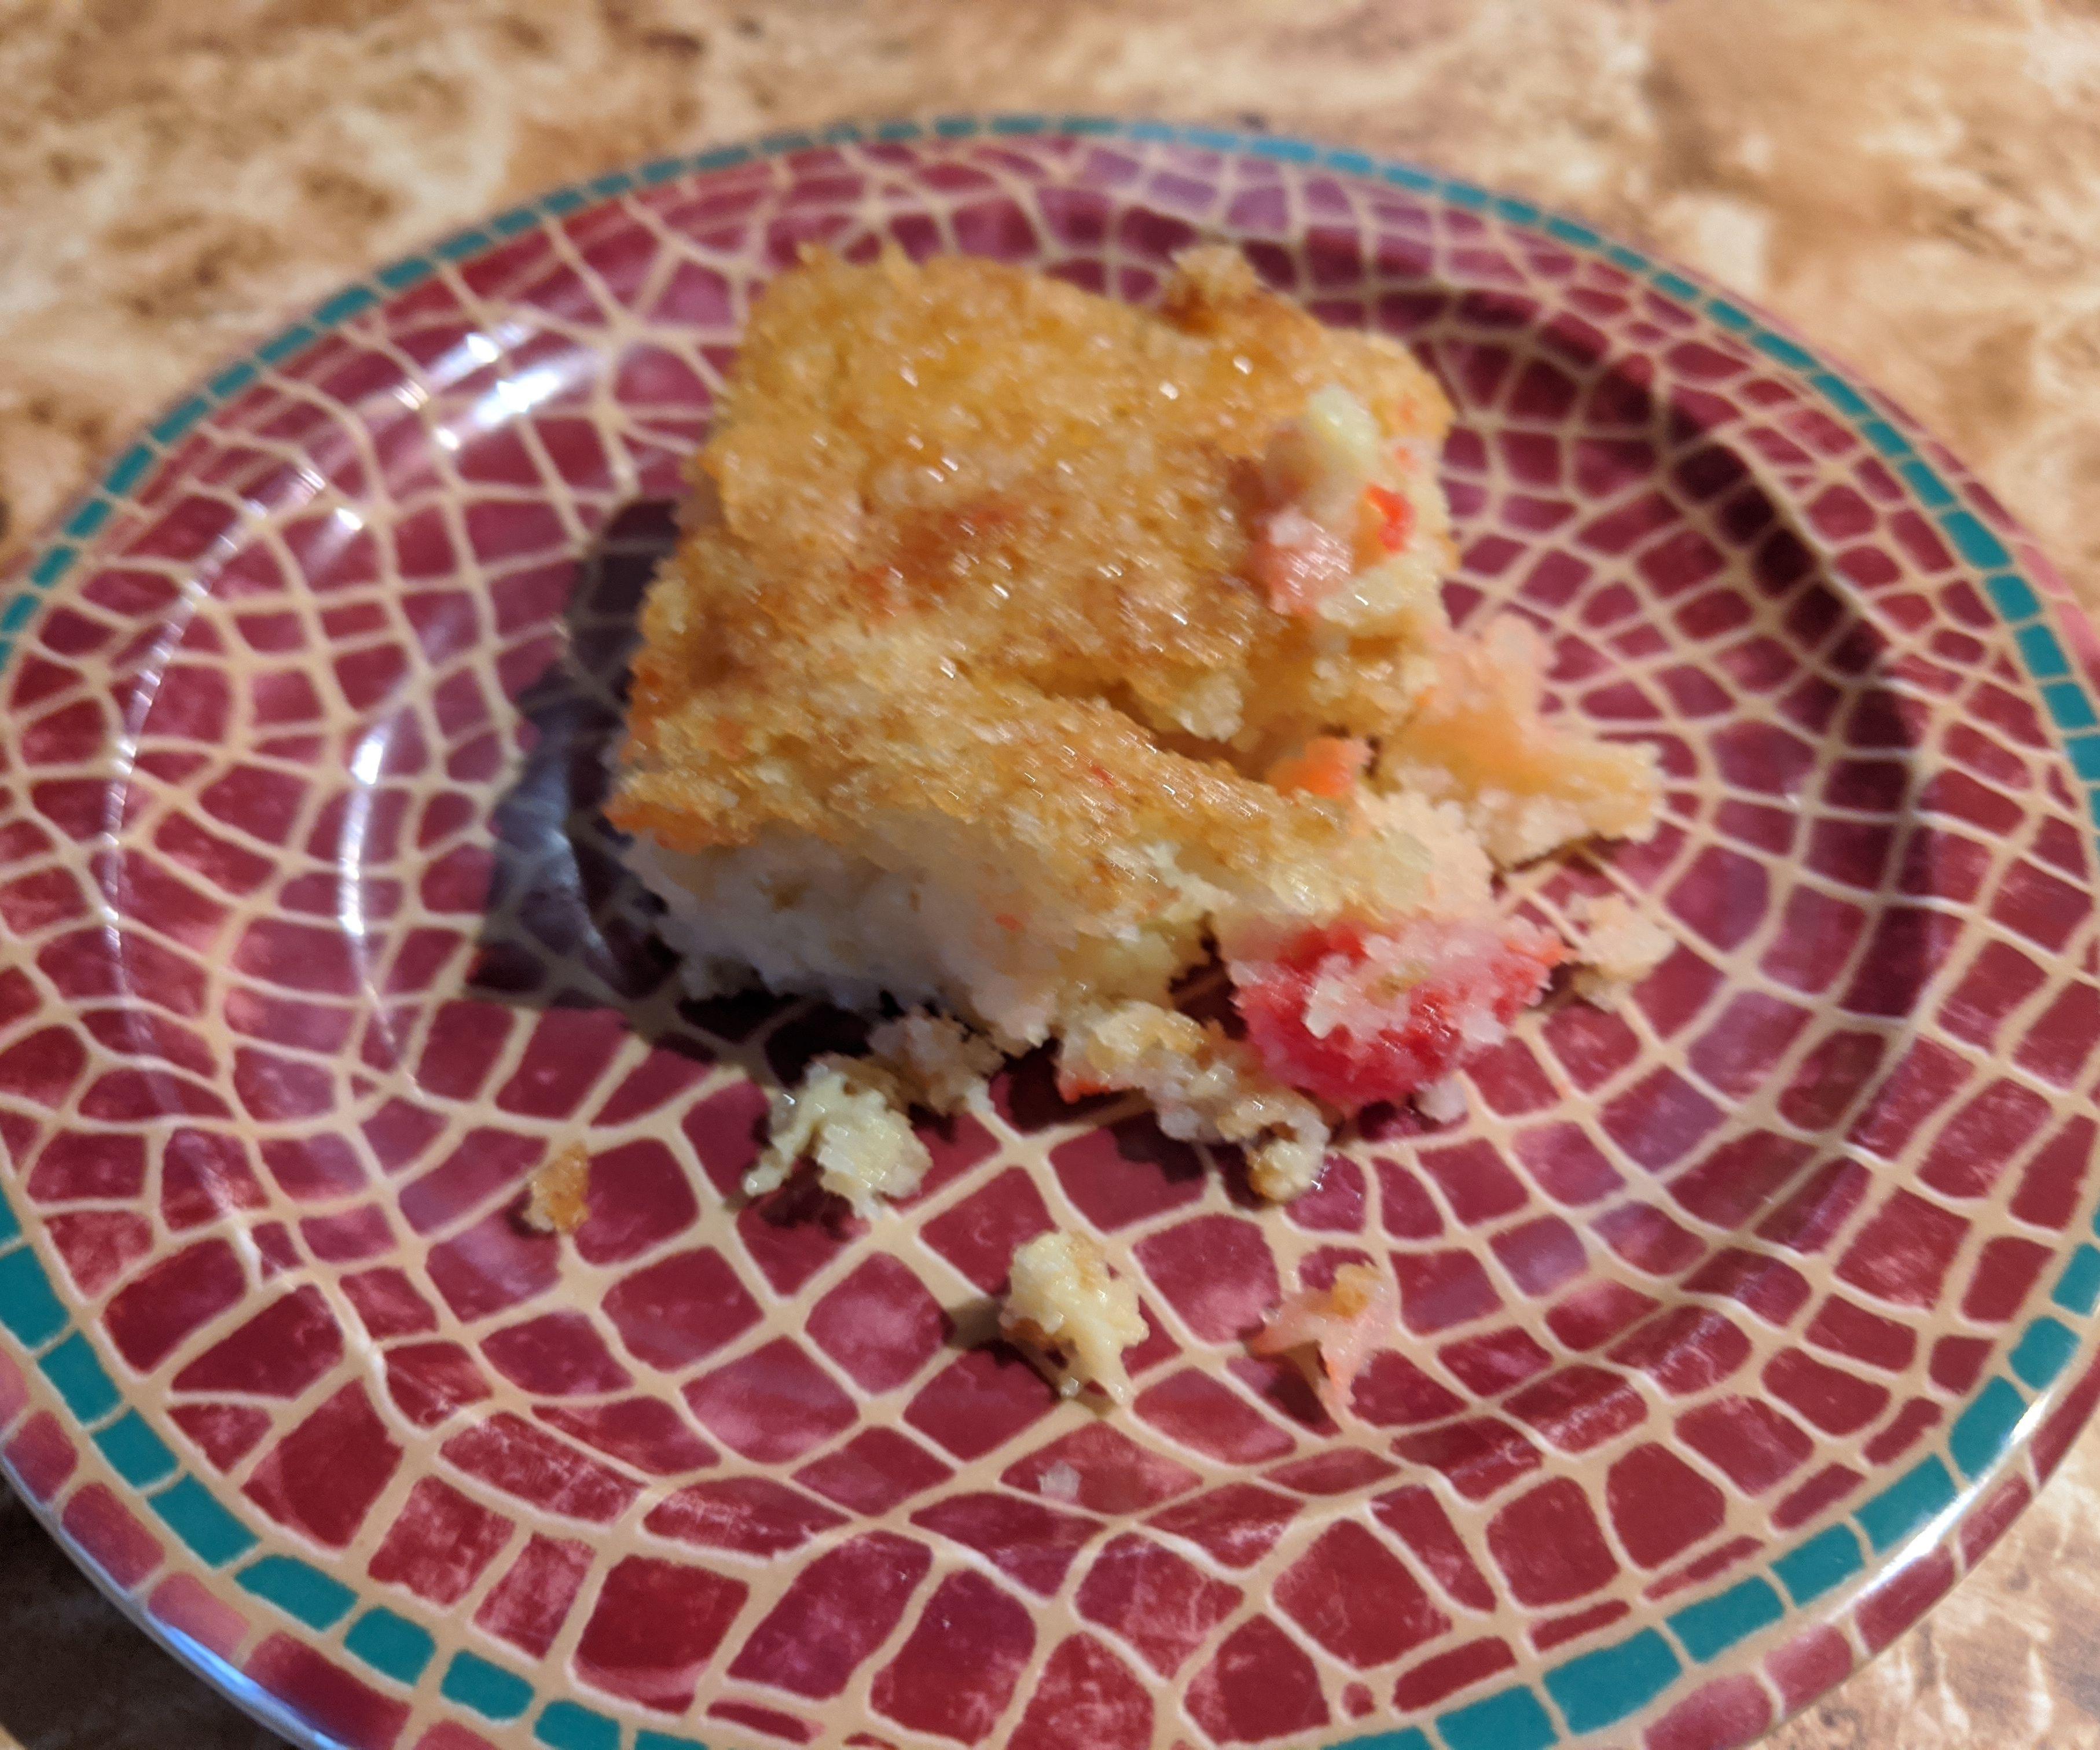 Pineapple-Inside-Outside-Upside-down-Dump-Cake